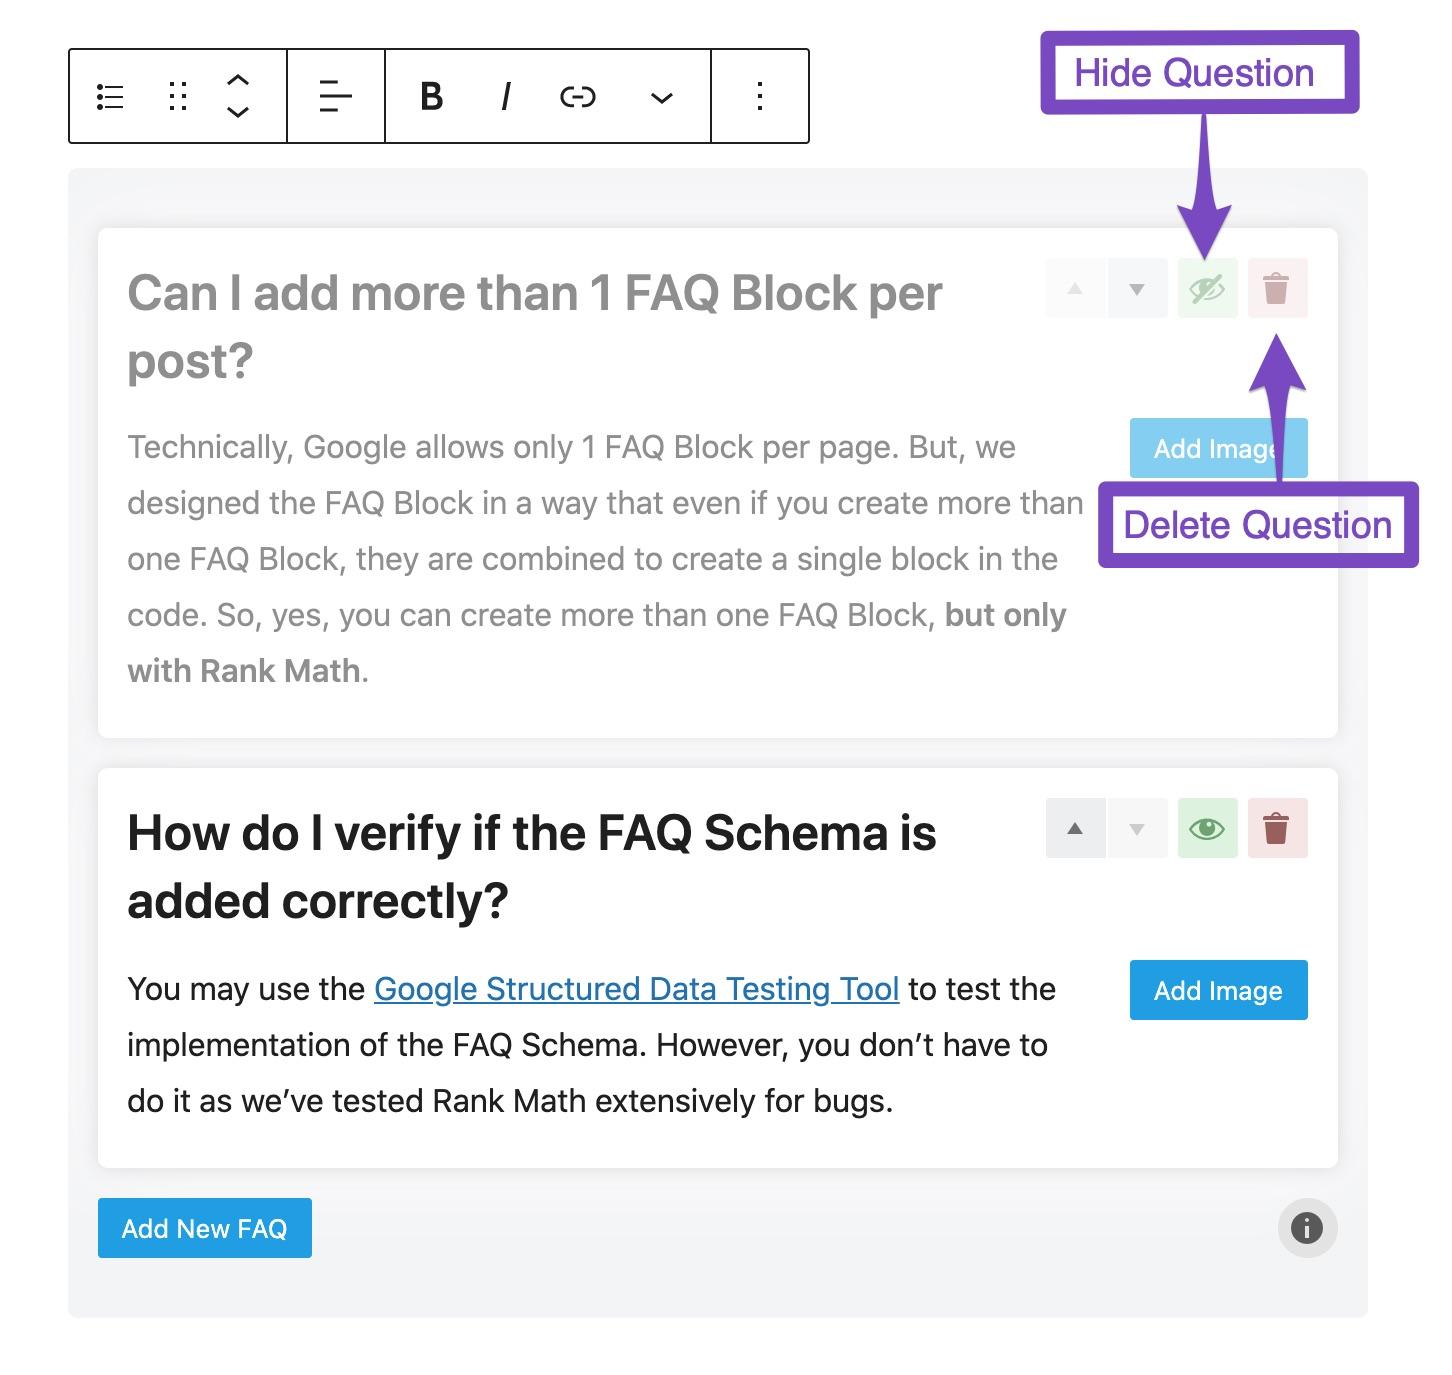 Delete or hide question in FAQ block